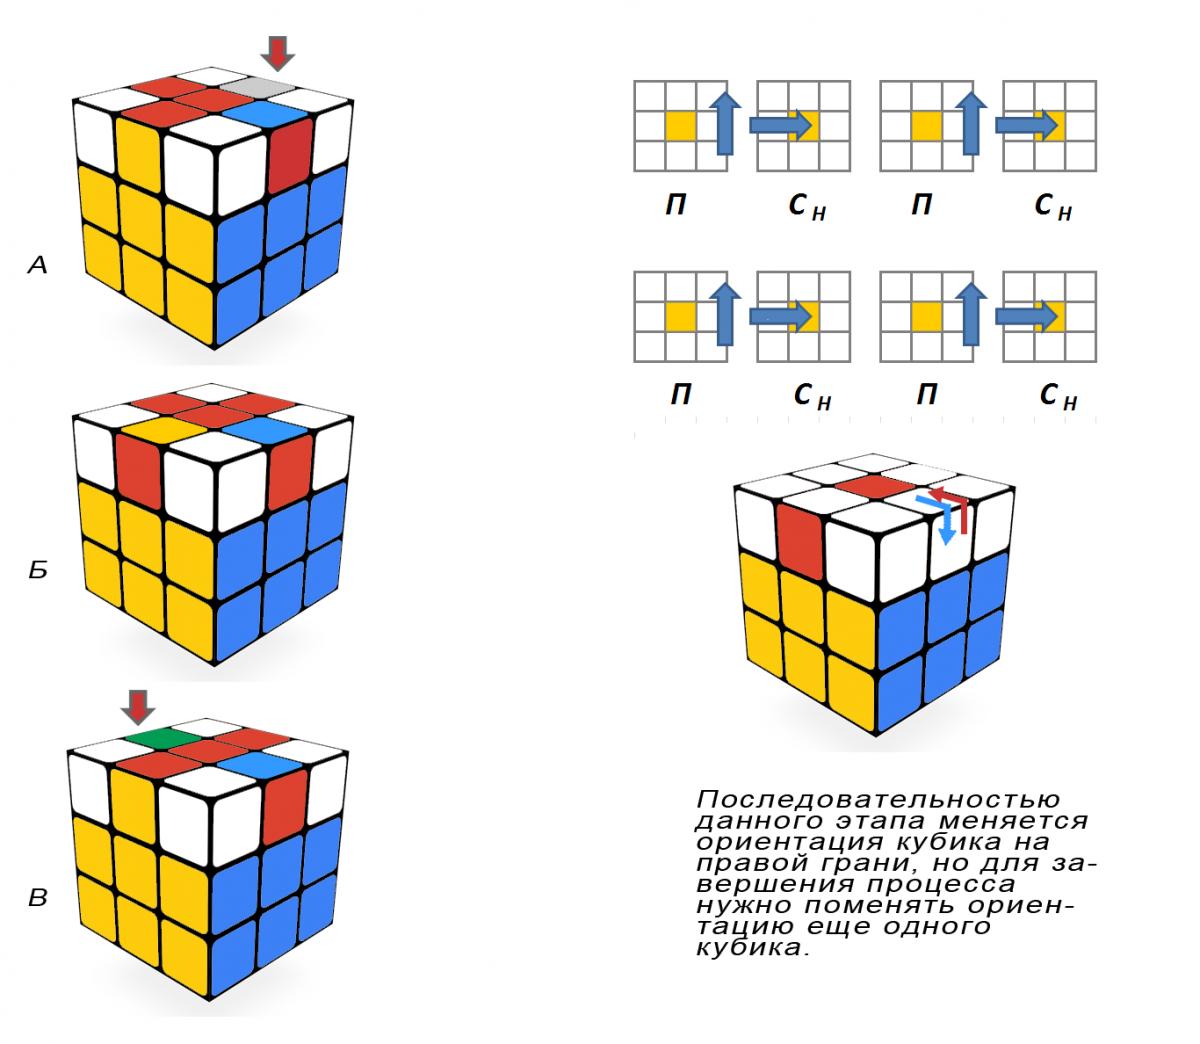 один правильная расцветка кубика рубика картинки попытался встать